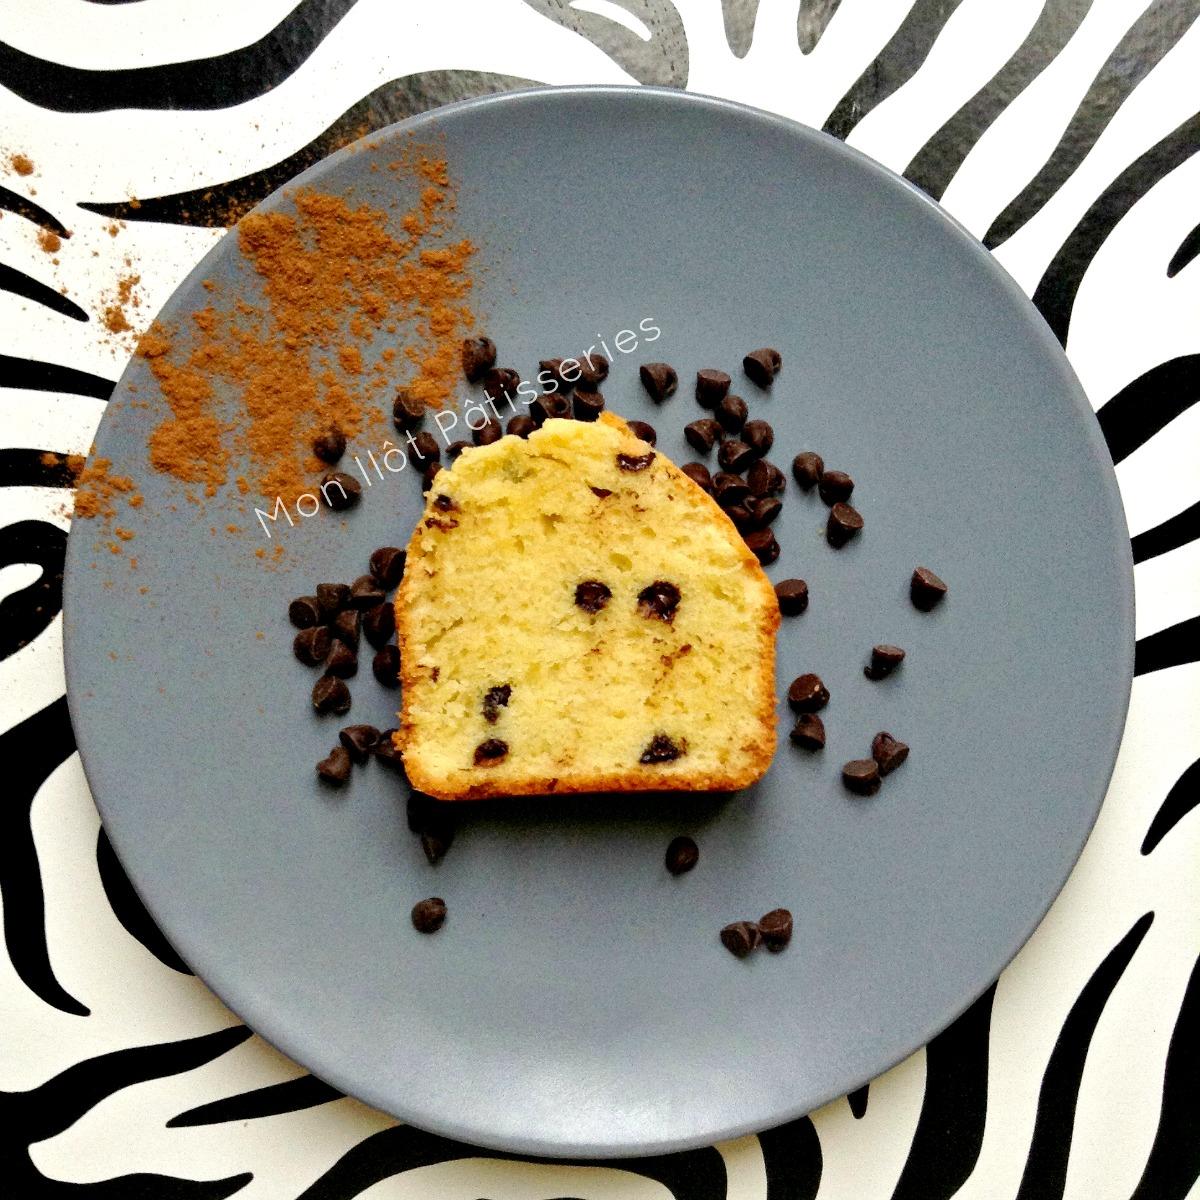 Astuces pour réussir ses cakes et gâteaux à coup sûr